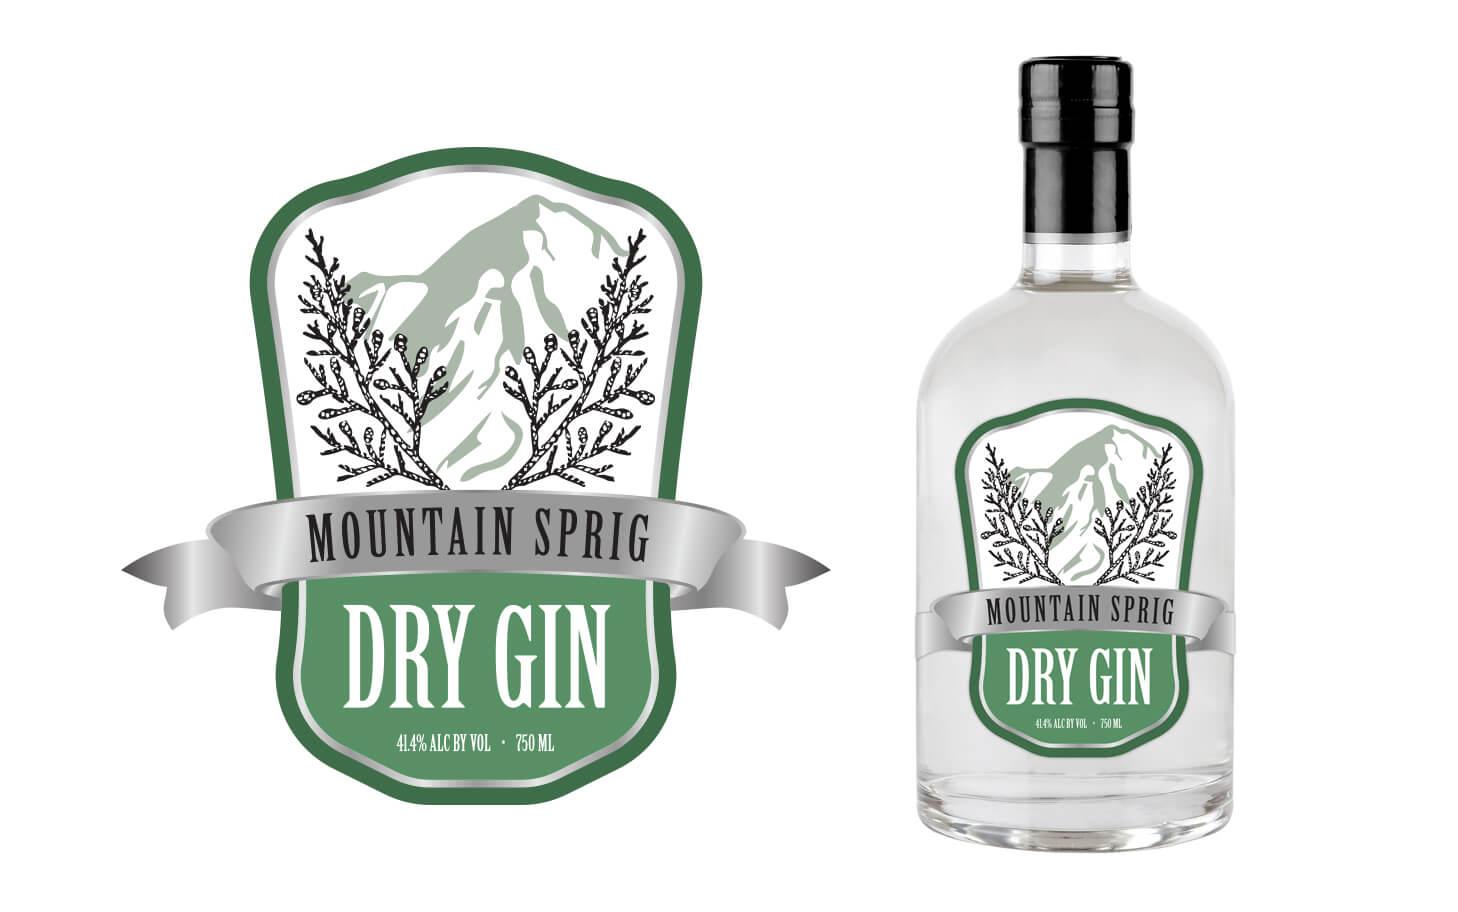 Mountain Sprig Gin